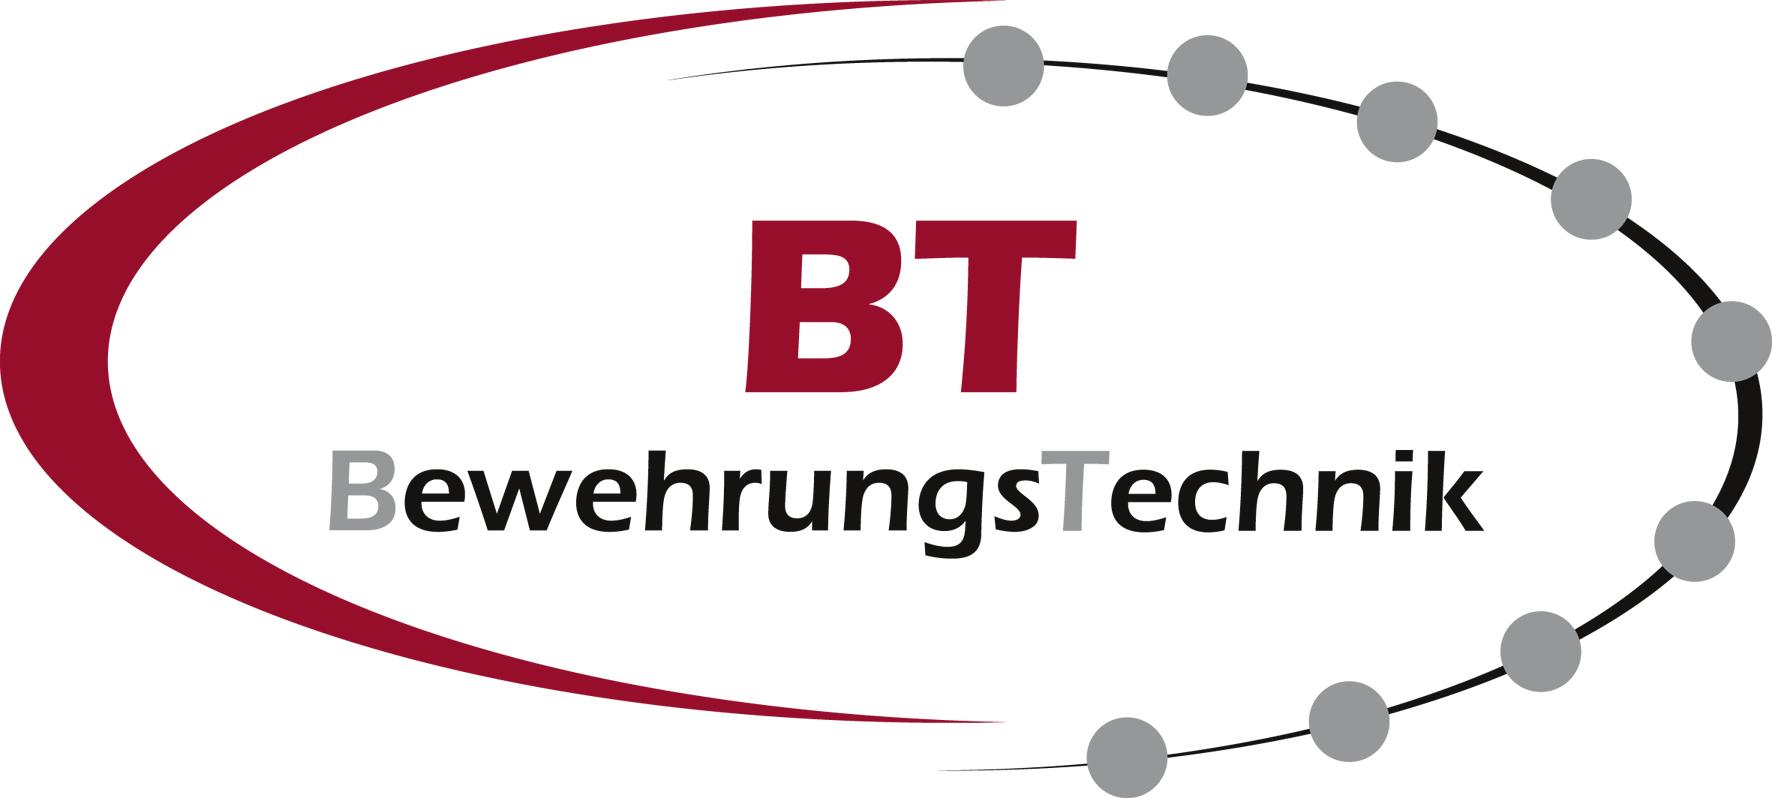 BewehrungsTechnik GmbH